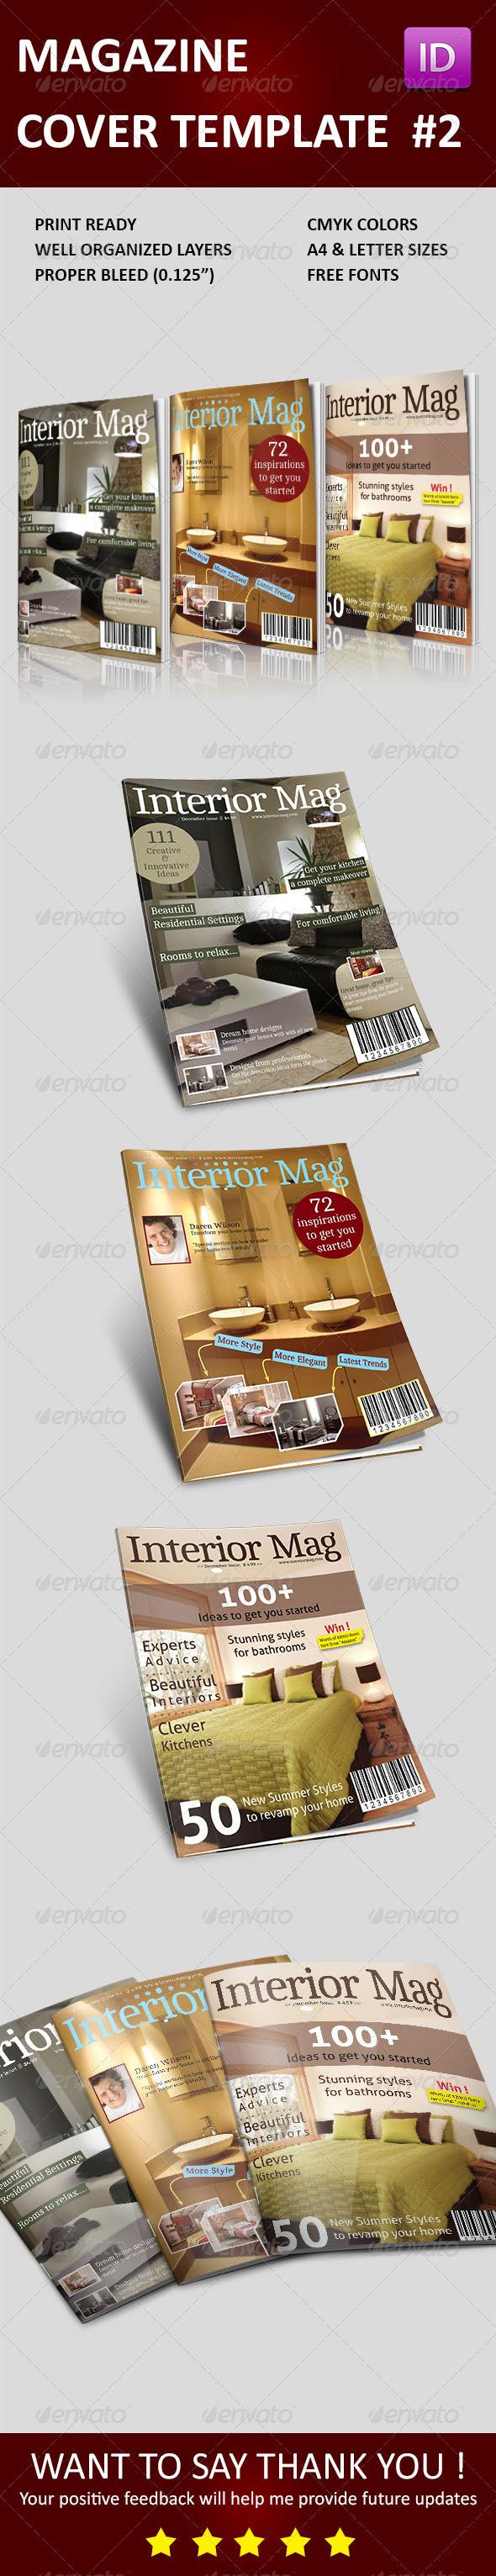 GraphicRiver Magazine Cover Templates Vol 2 3748875